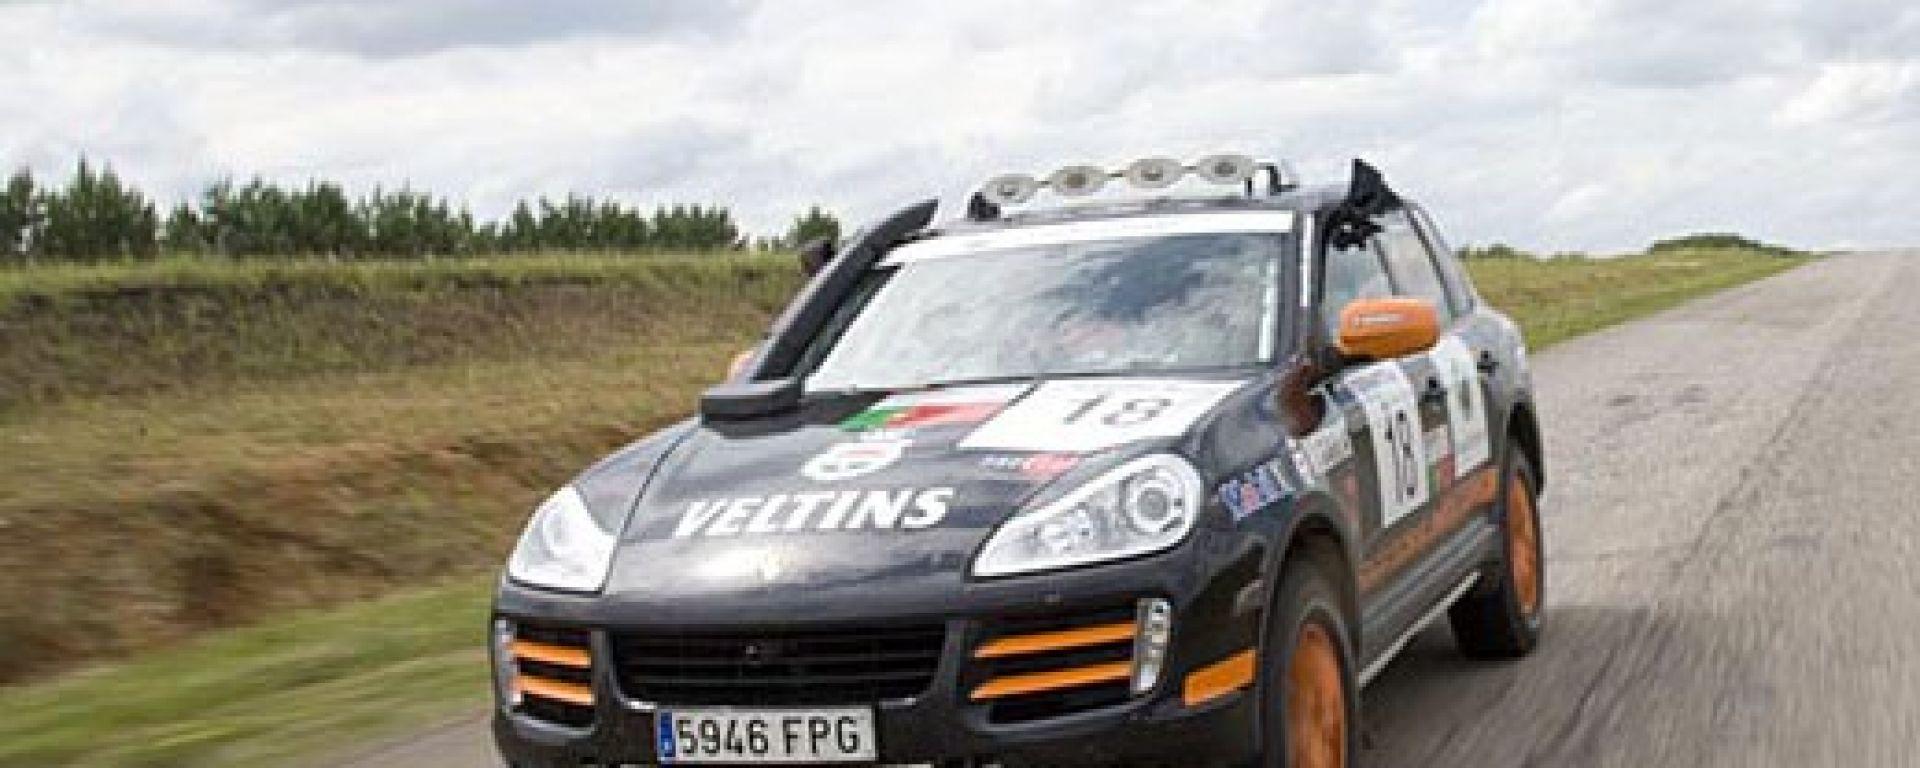 Transsyberia Rally 2008: terza puntata